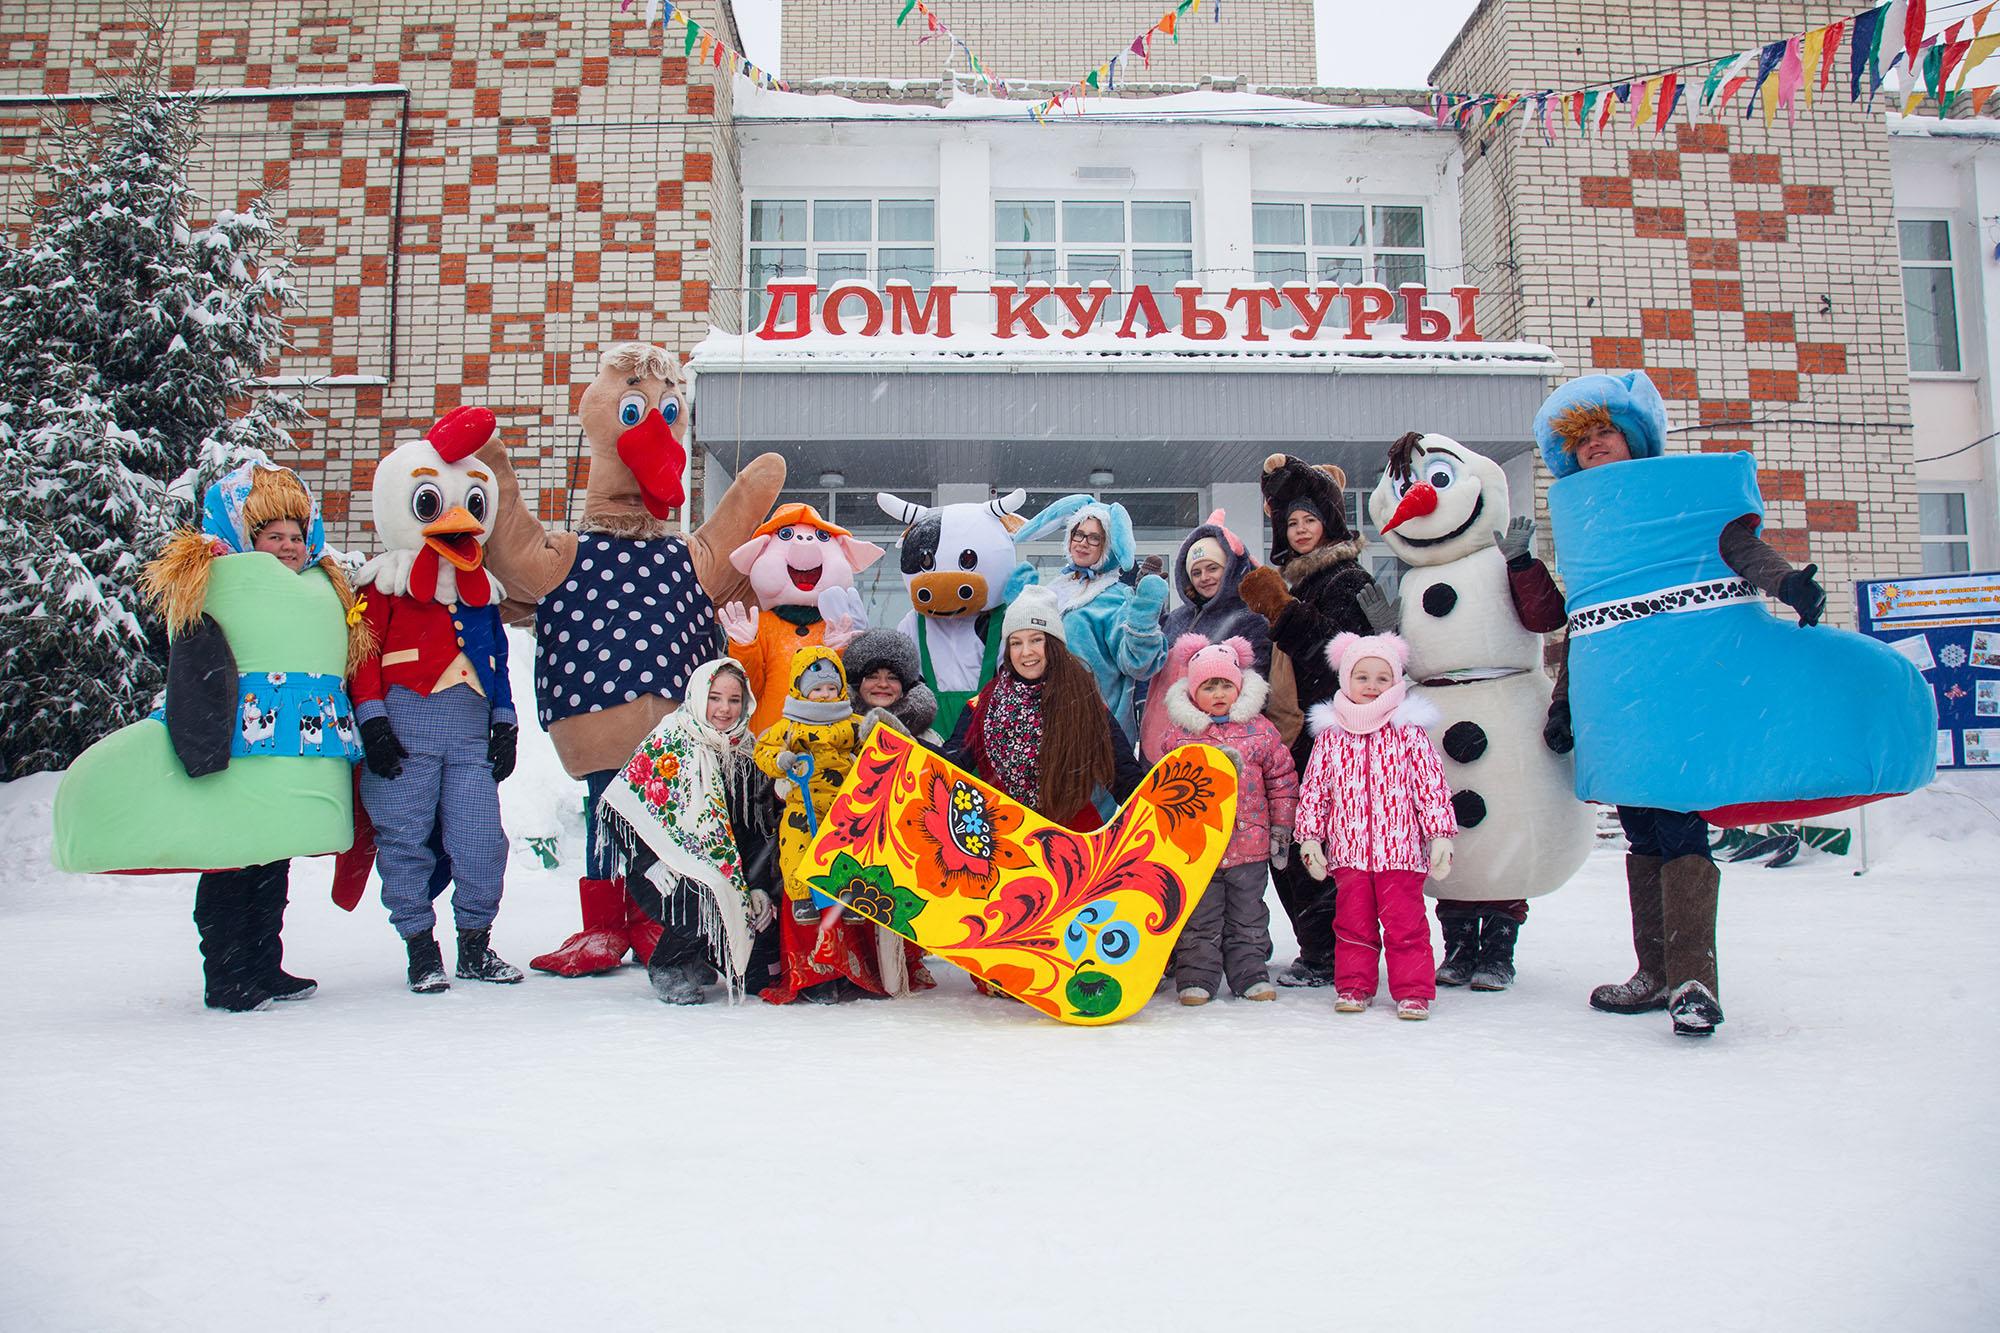 Фестиваль «Арзамасский валенок» прошел в Нижегородской области 13 февраля